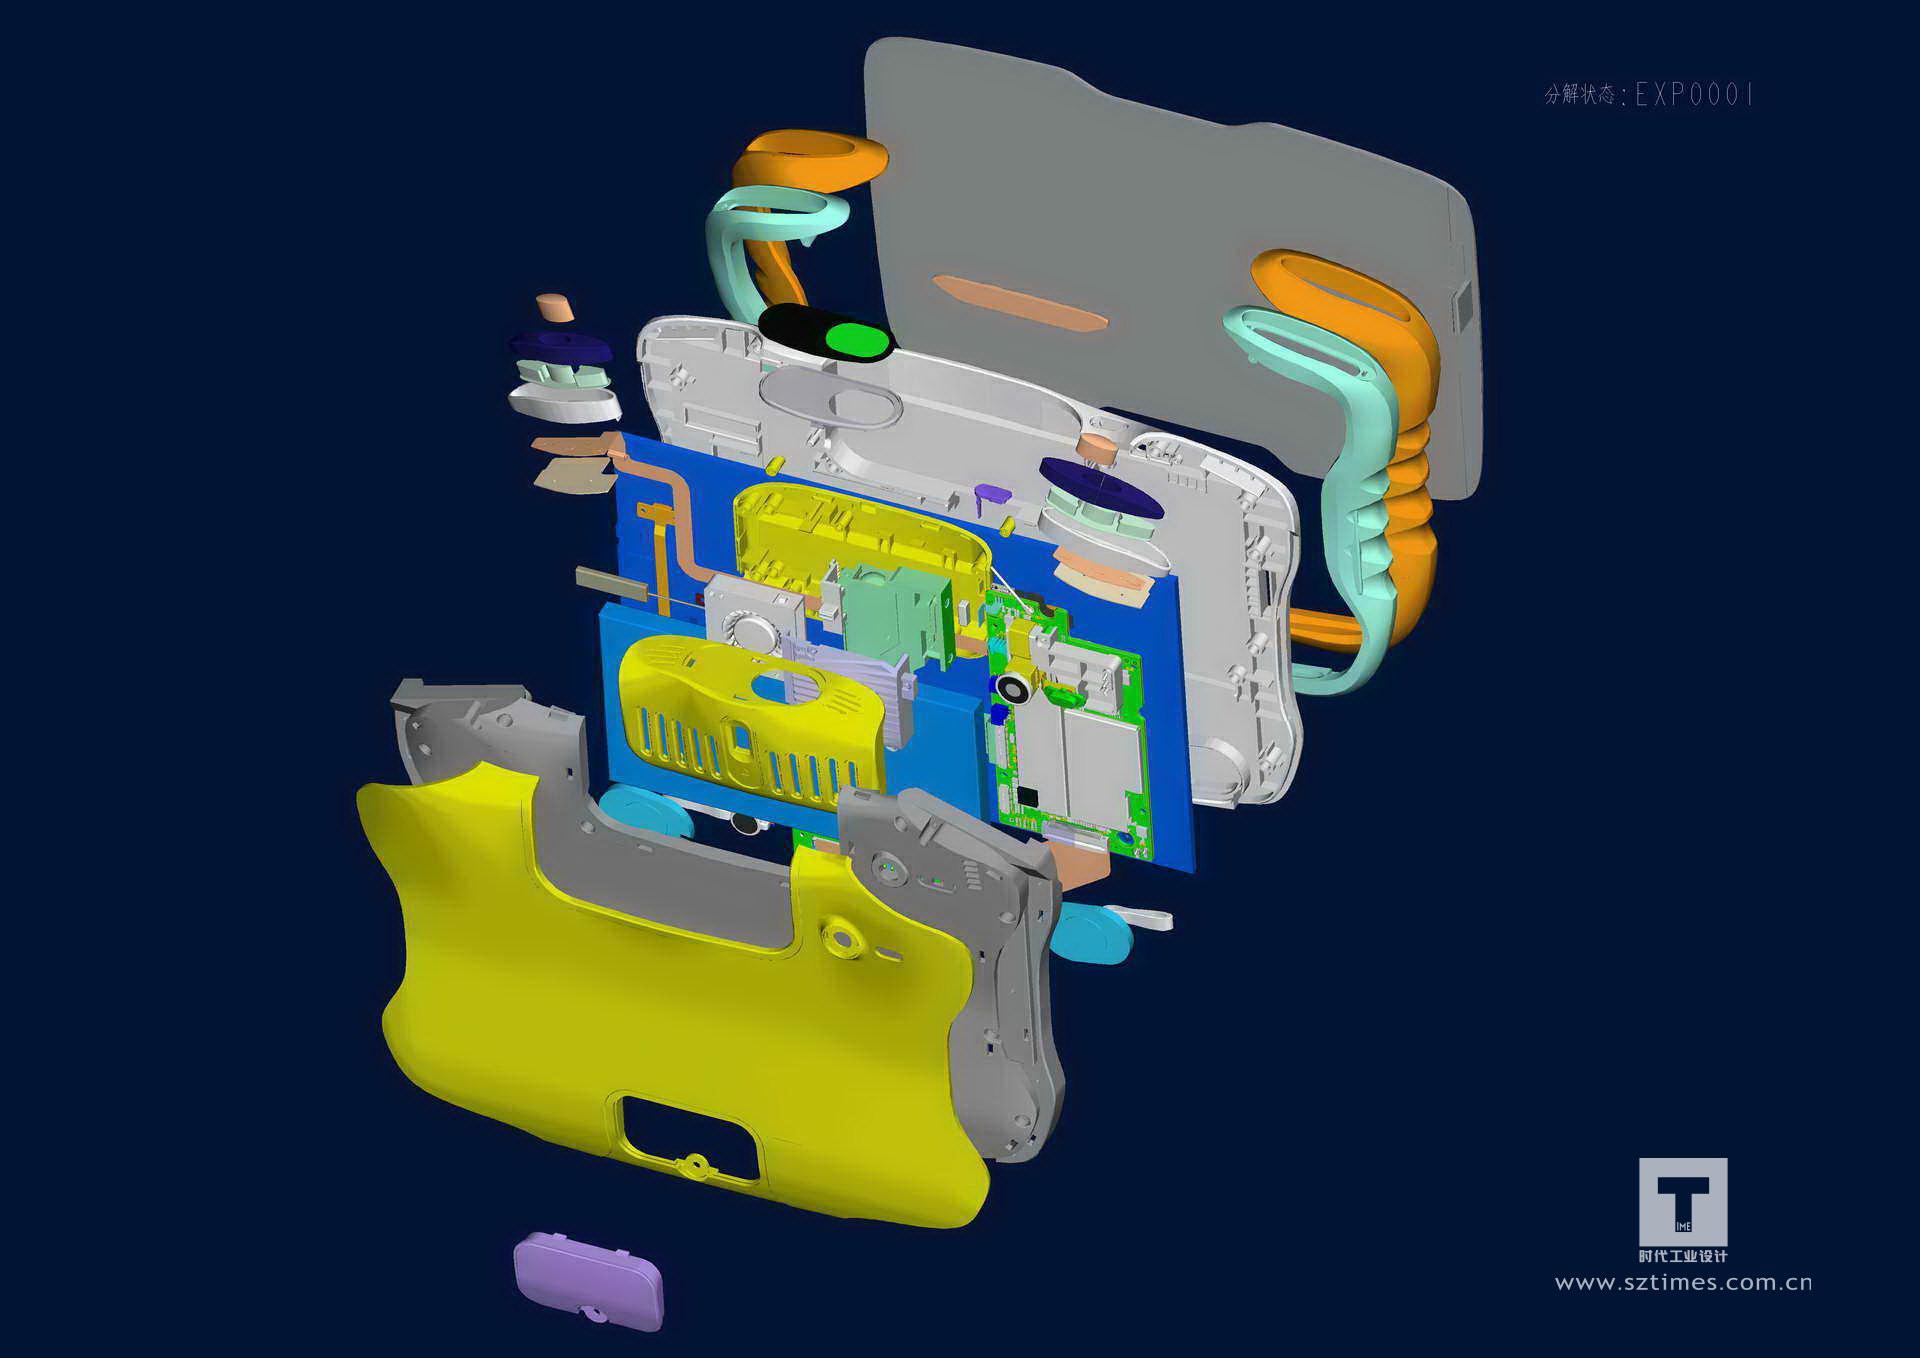 平板学习机S1-3_调整大小.JPG